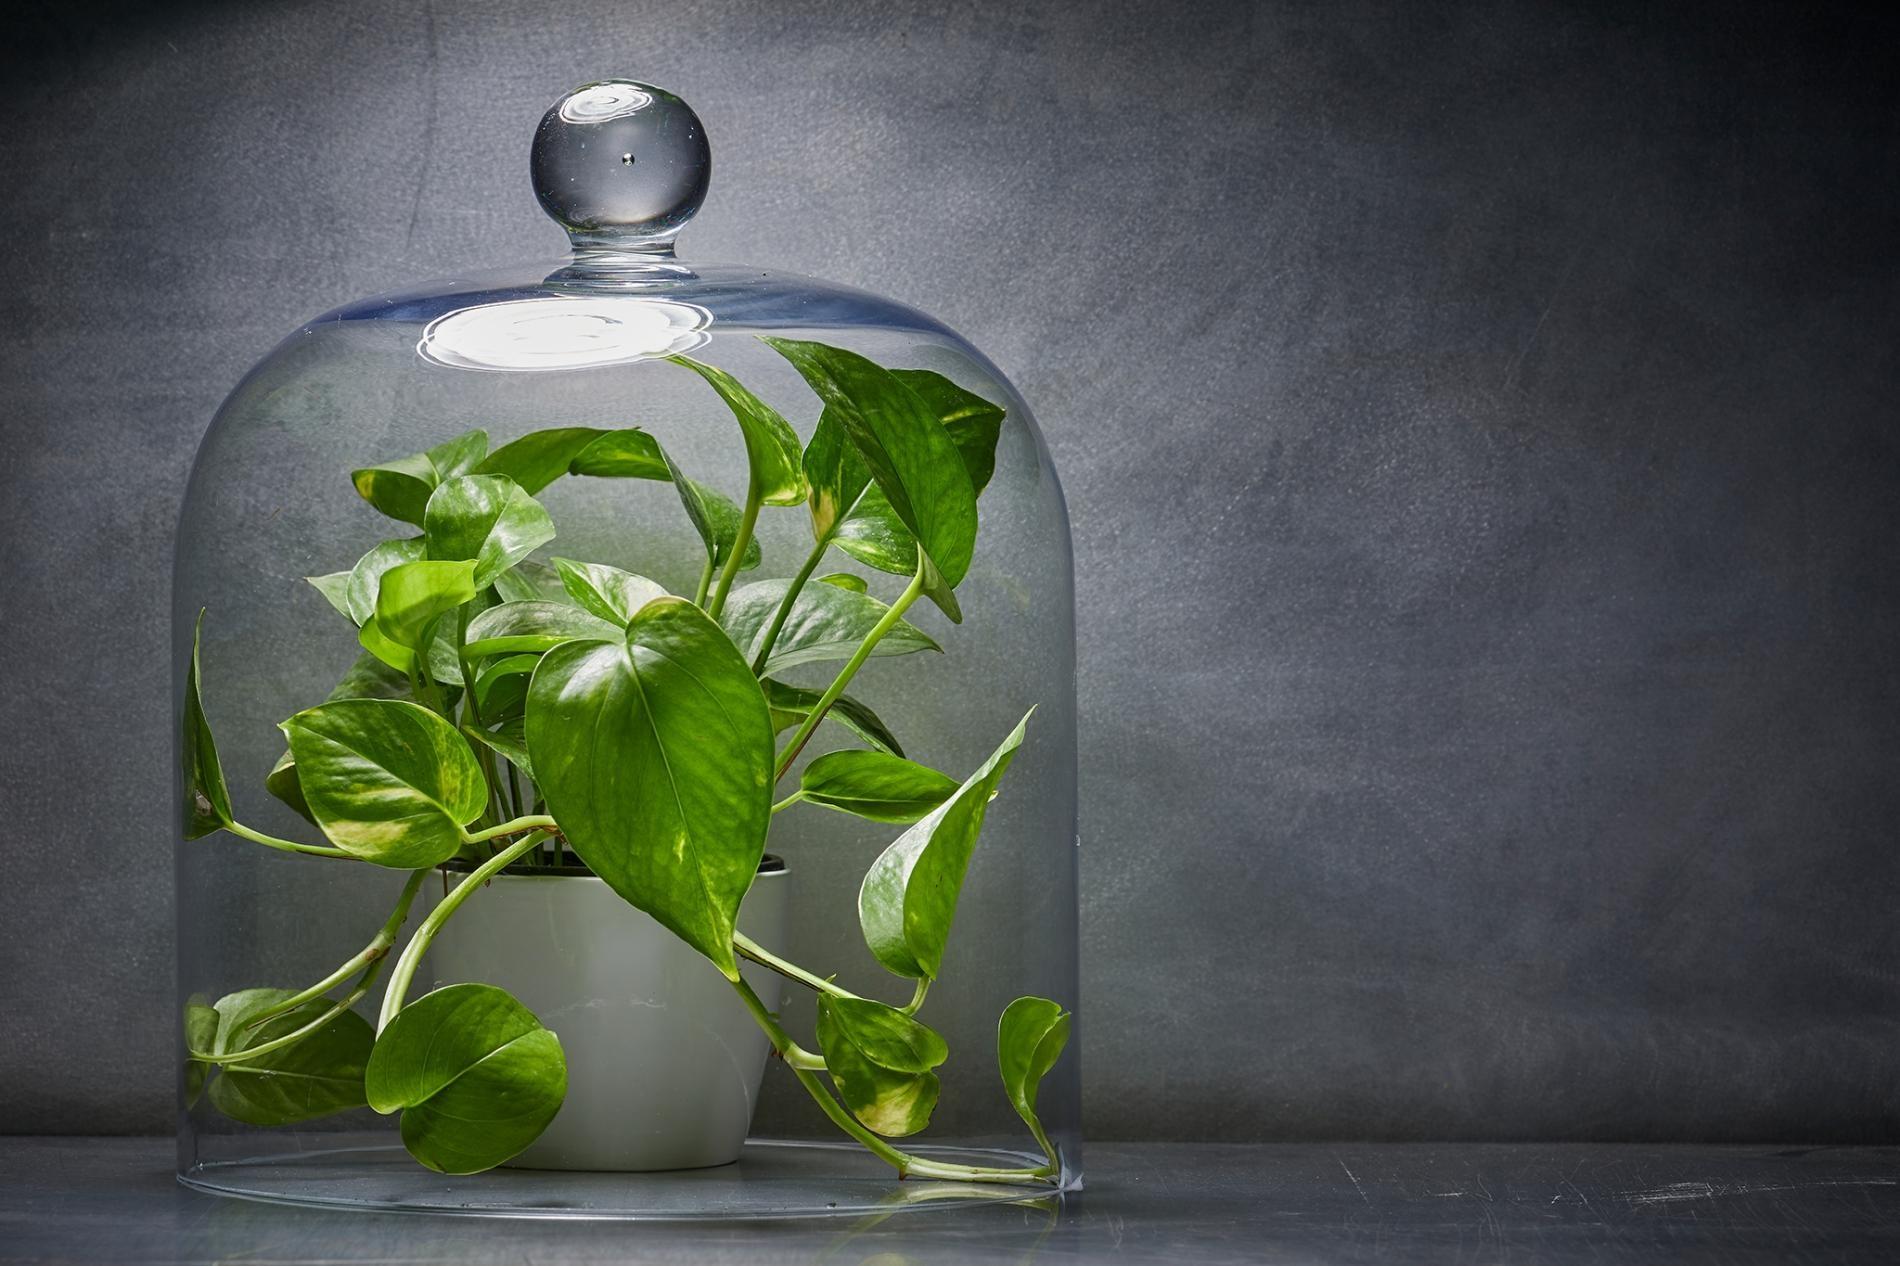 今年室內園藝蓬勃發展,許多受歡迎的室內植物,是以當作淨化家中空氣的好辦法來行銷,出售給急切的消費者。然而,新研究持續顯示室內植物在淨化家中空氣方面的功能近乎零。PHOTOGRAPH BY BECKY HALE AND MARK THIESSEN, NATIONAL GEOGRAPHIC